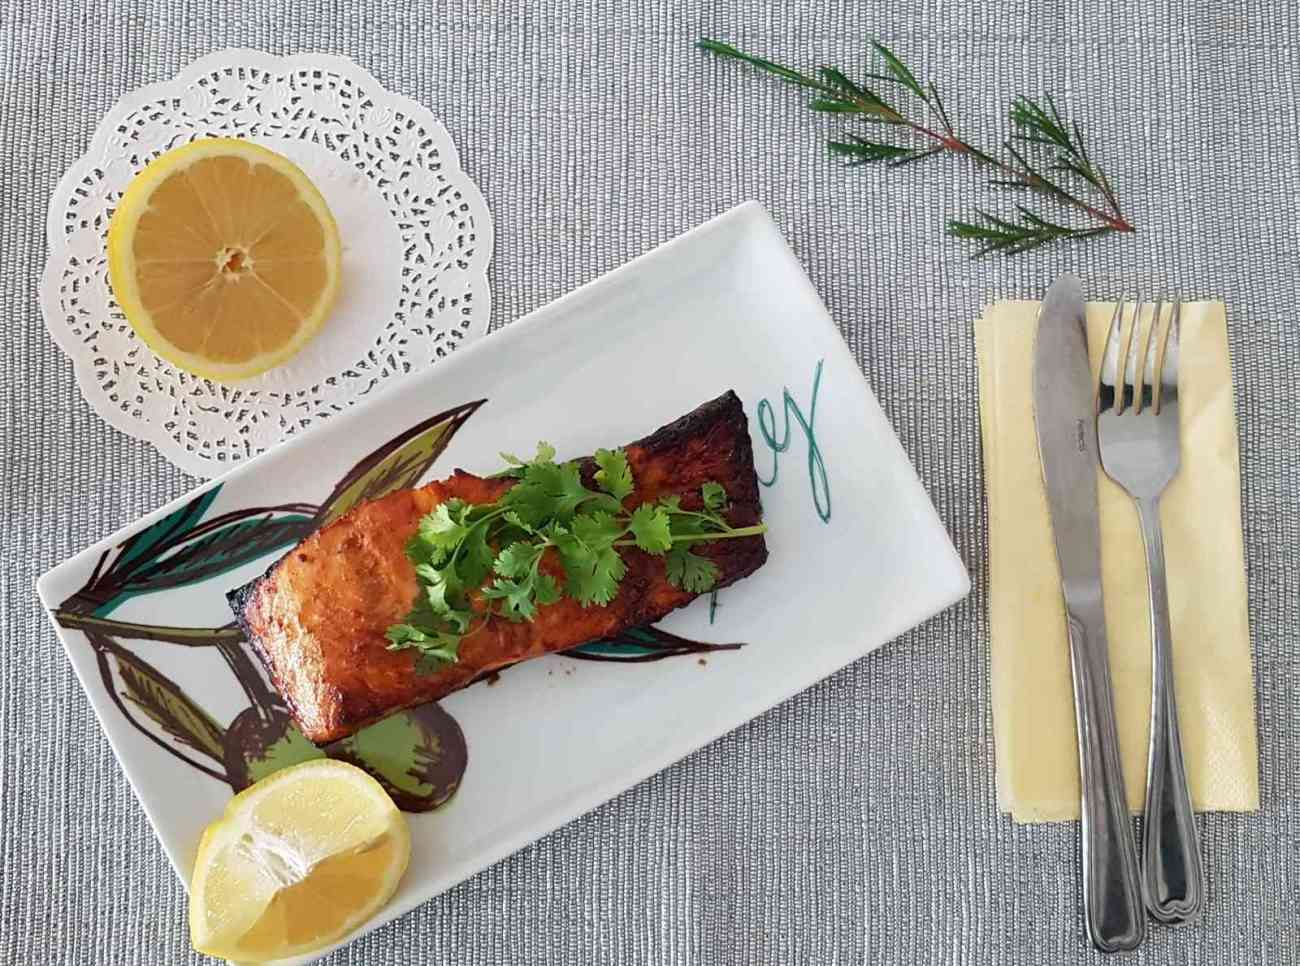 דג סלמון בתנור עם סויה וסילאן